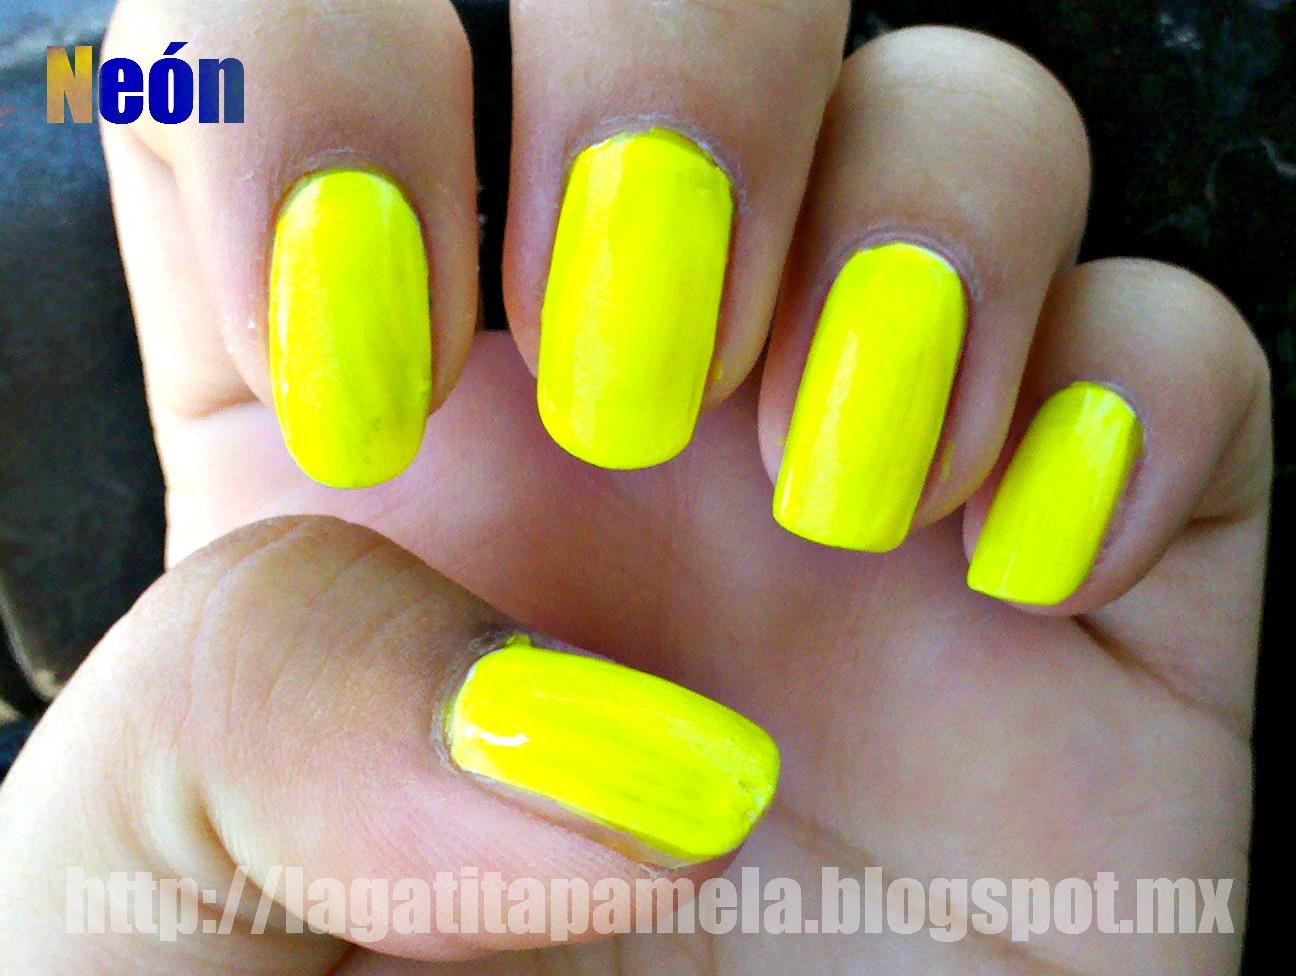 Nails bilder